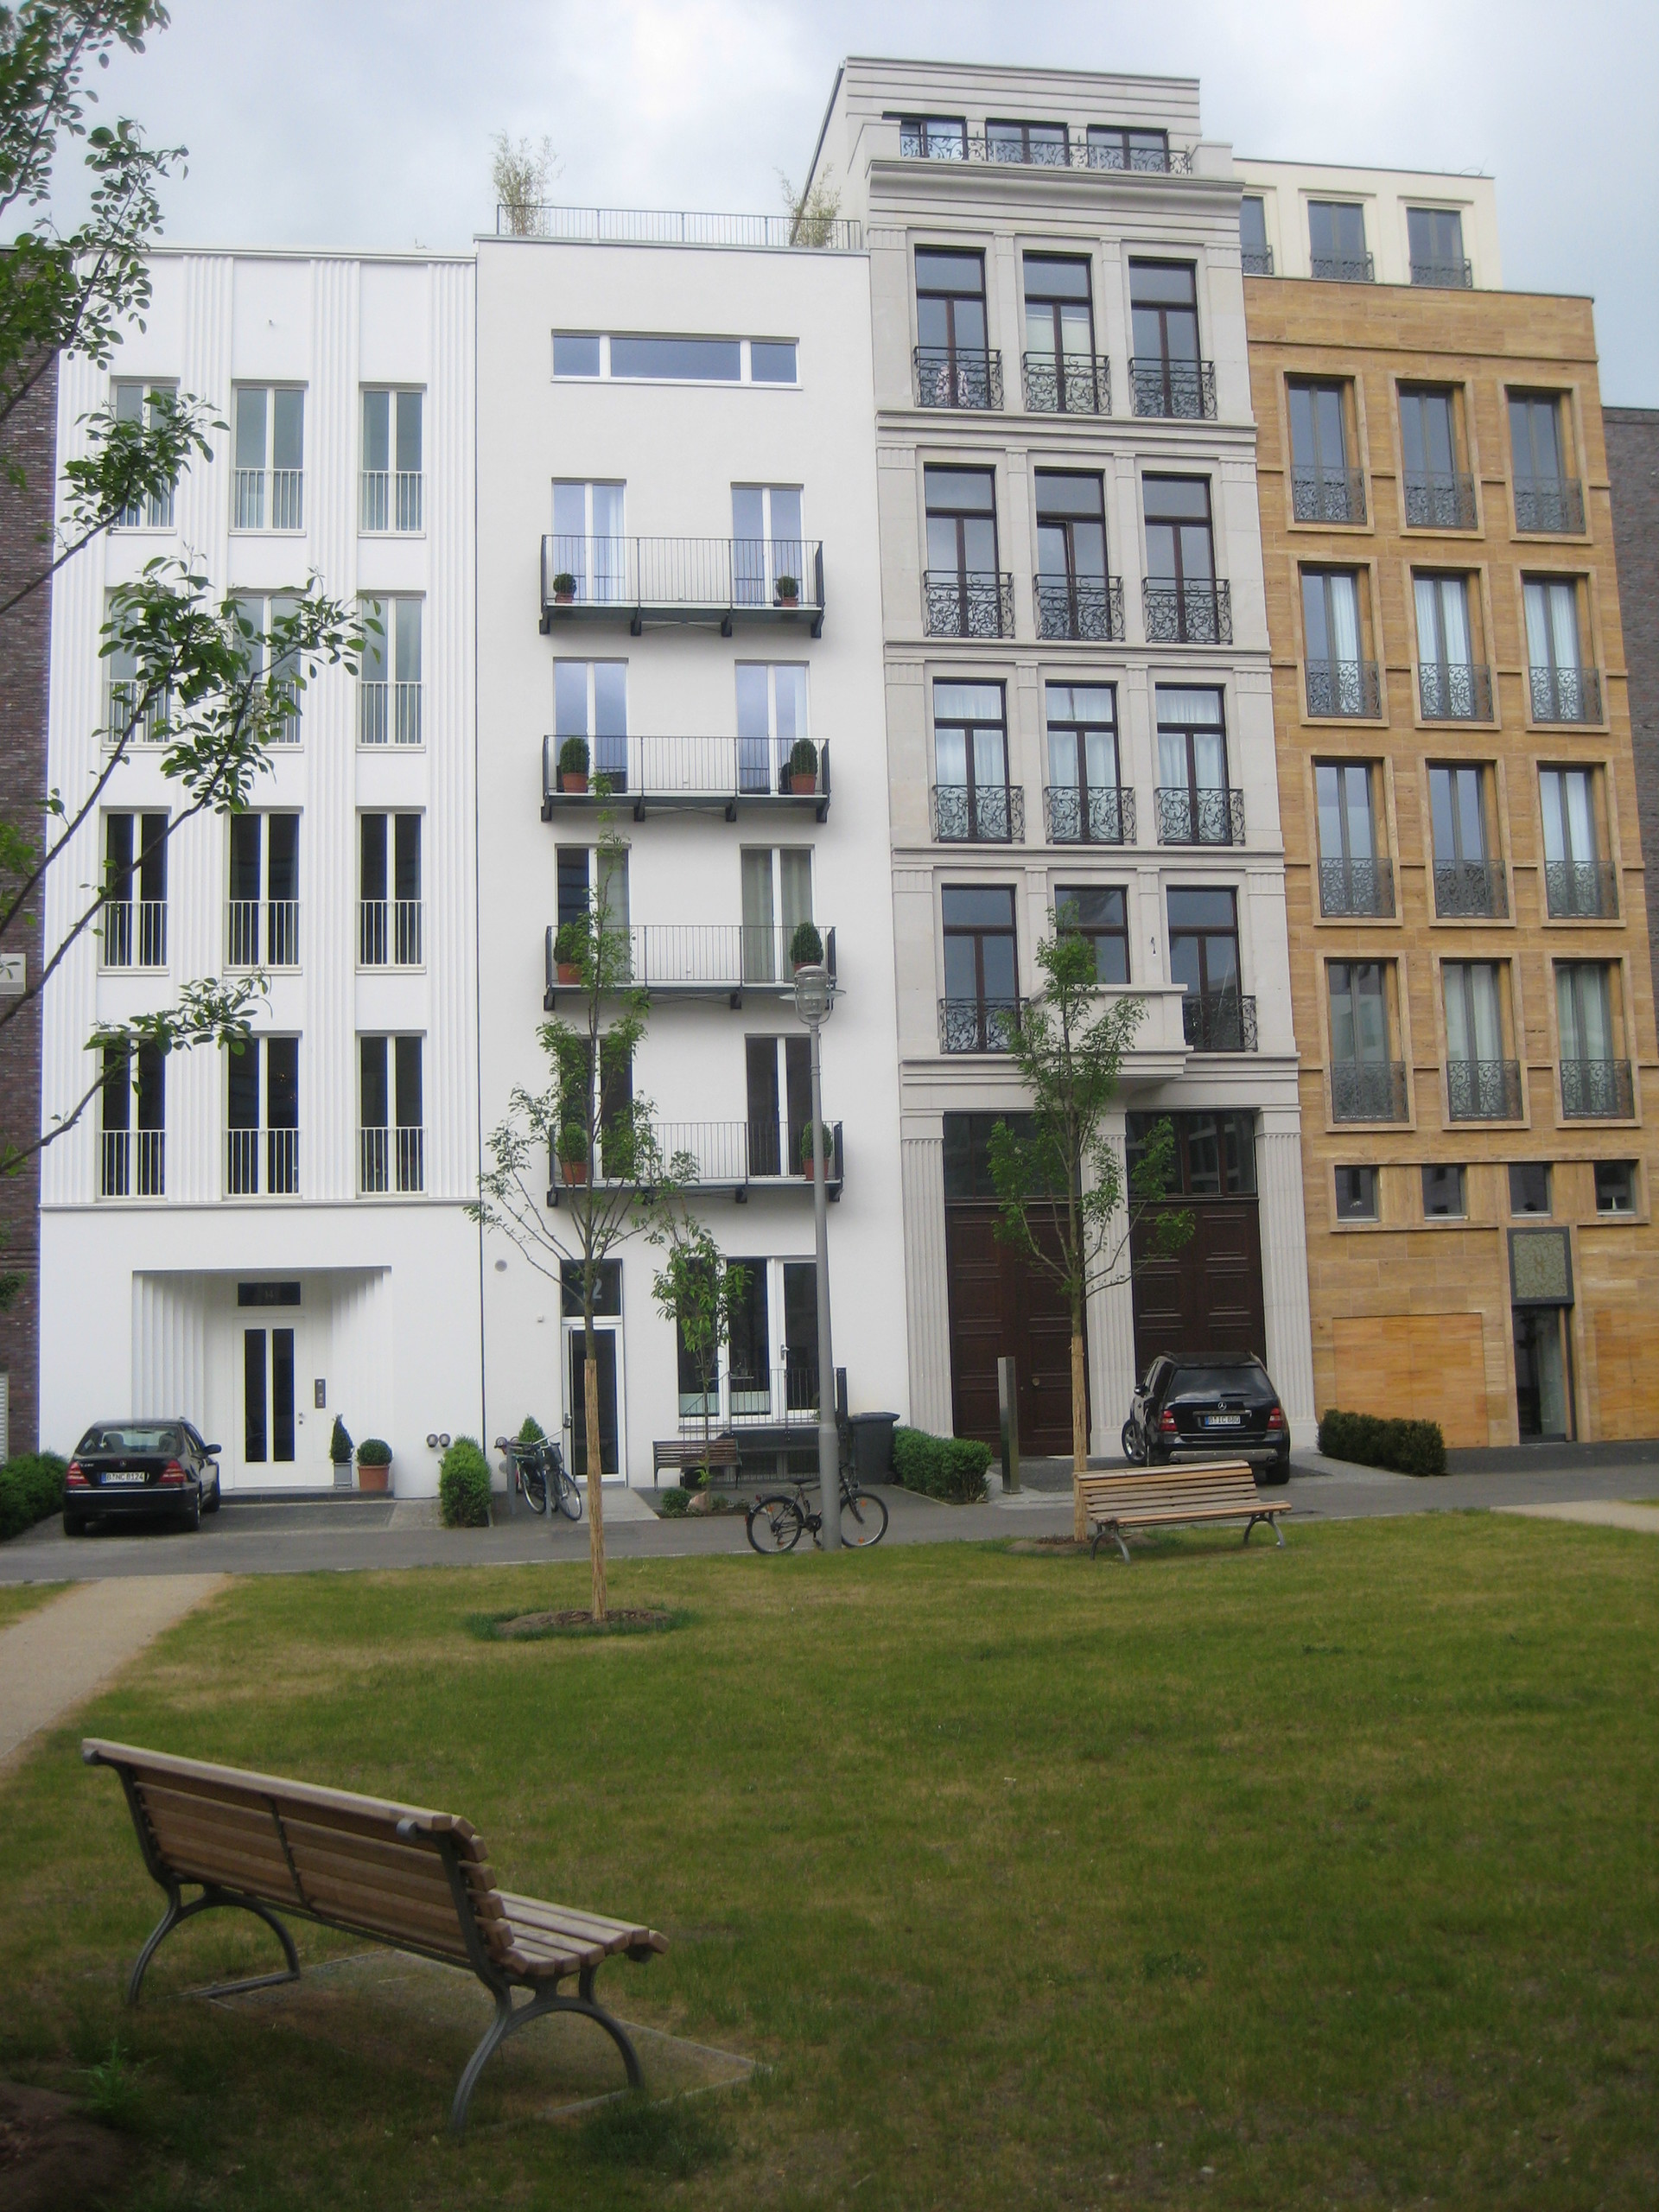 Caroline-von-Humboldt-Weg 12,  10117 Berlin